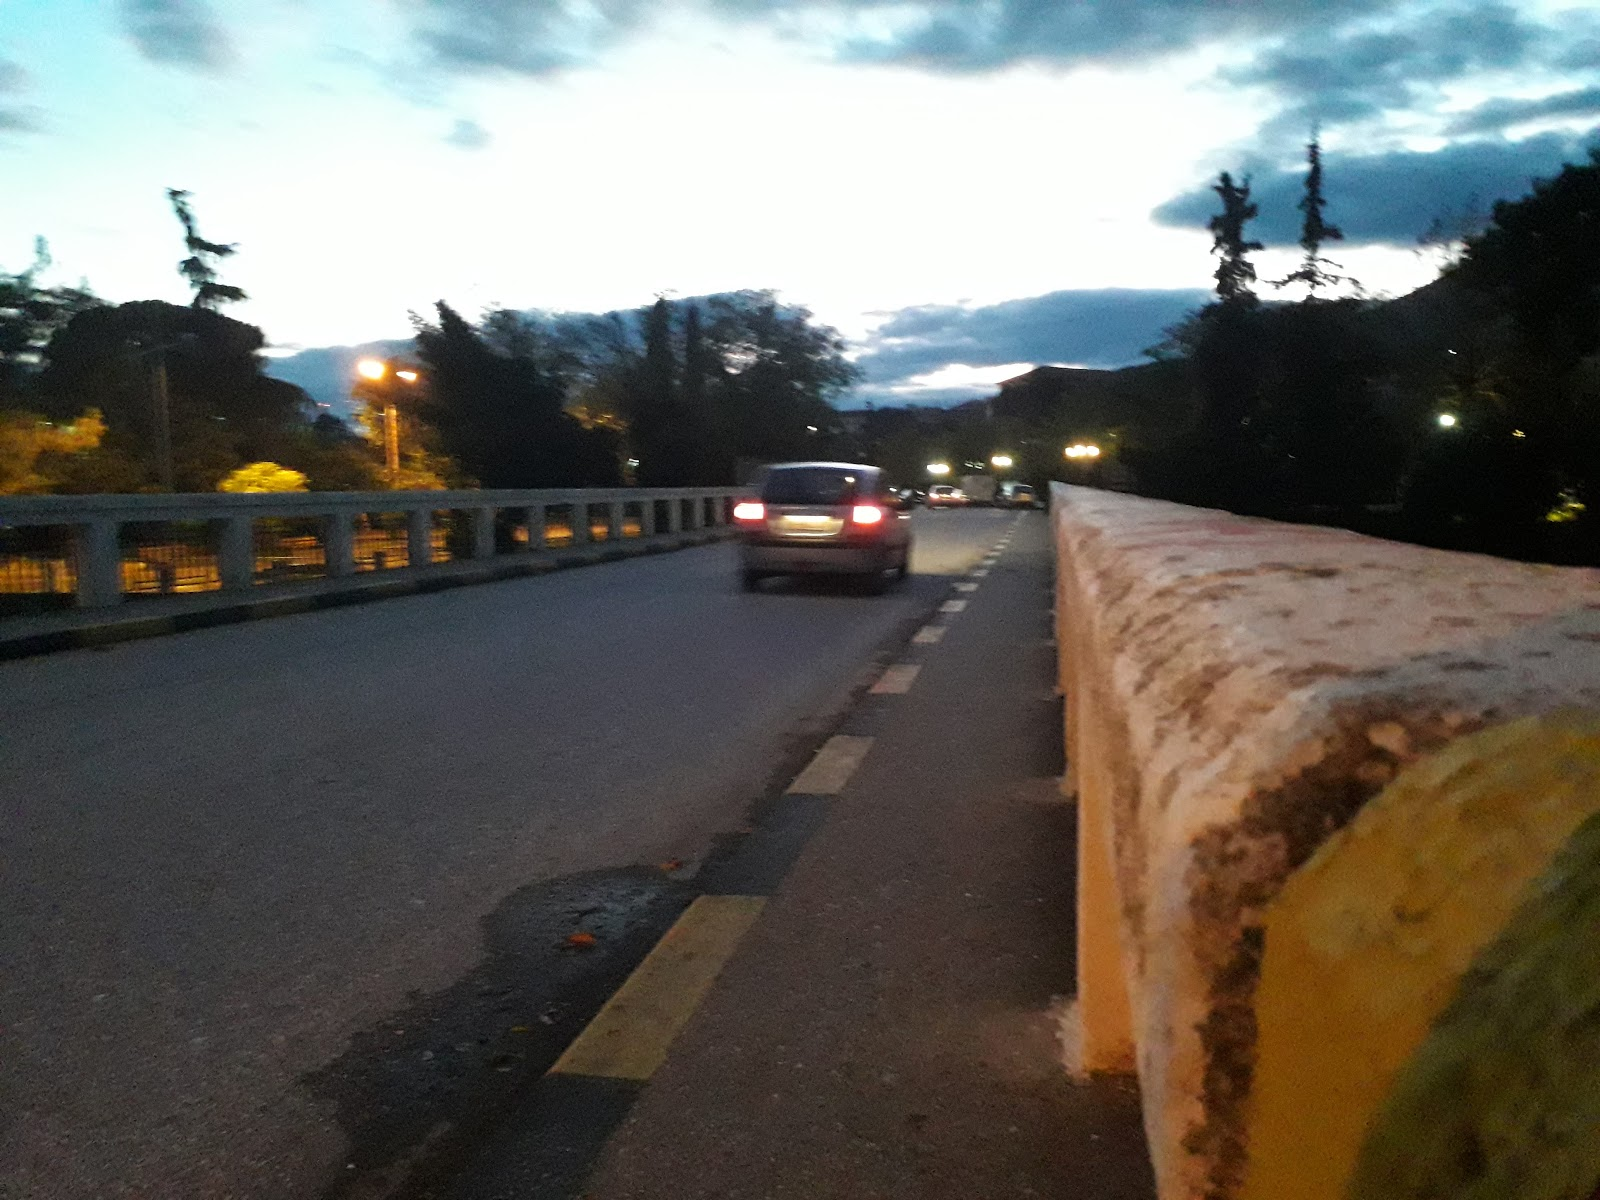 Νέα μέτρα ανακοίνωσε ο Χαρδαλιάς – Όριο 50 ατόμων σε συναθροίσεις και στην Ξάνθη